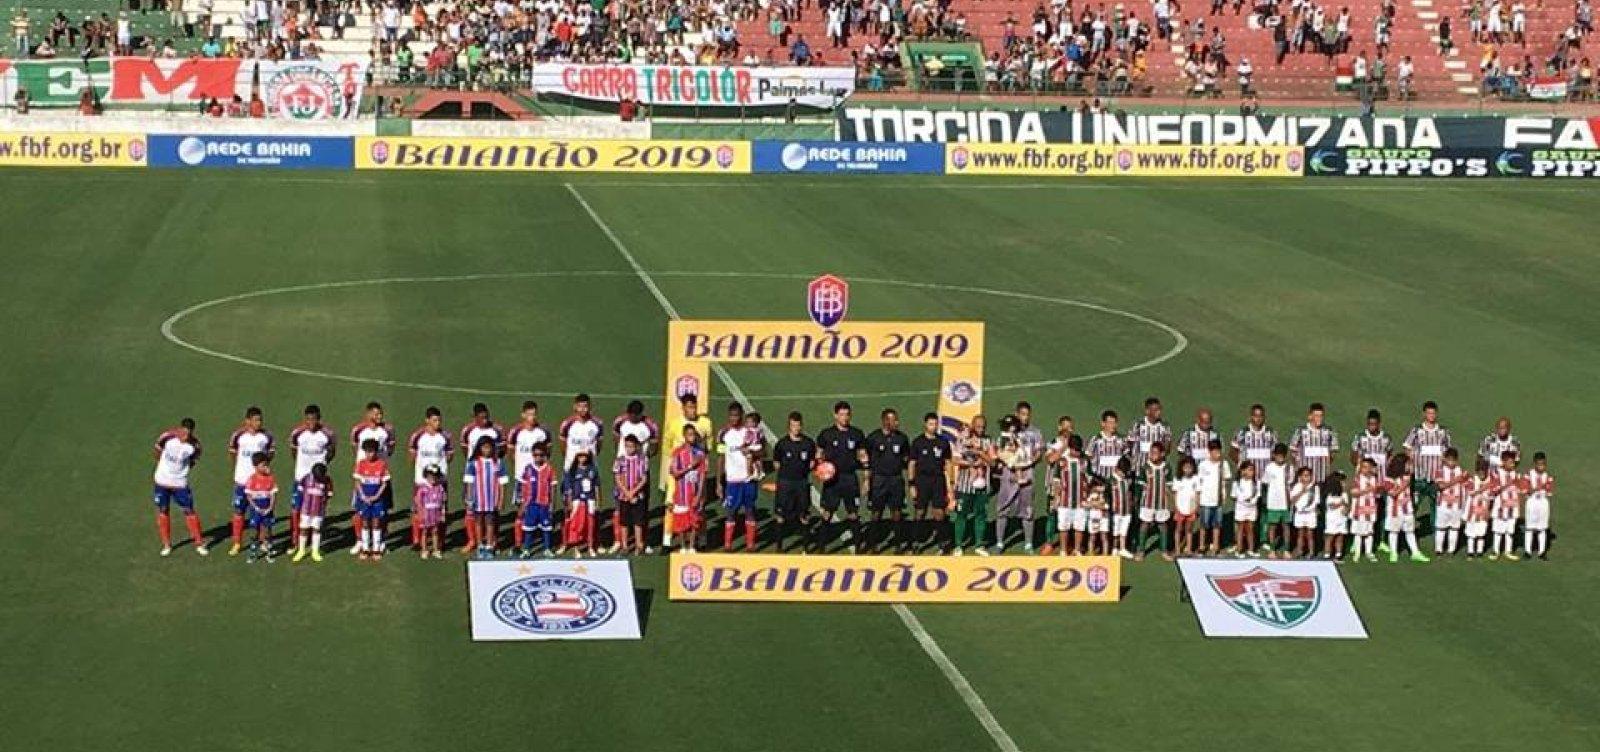 Bahia estreia no Campeonato Baiano 2019 contra o Fluminense de Feira   acompanhe d2b0b5a02e4b0